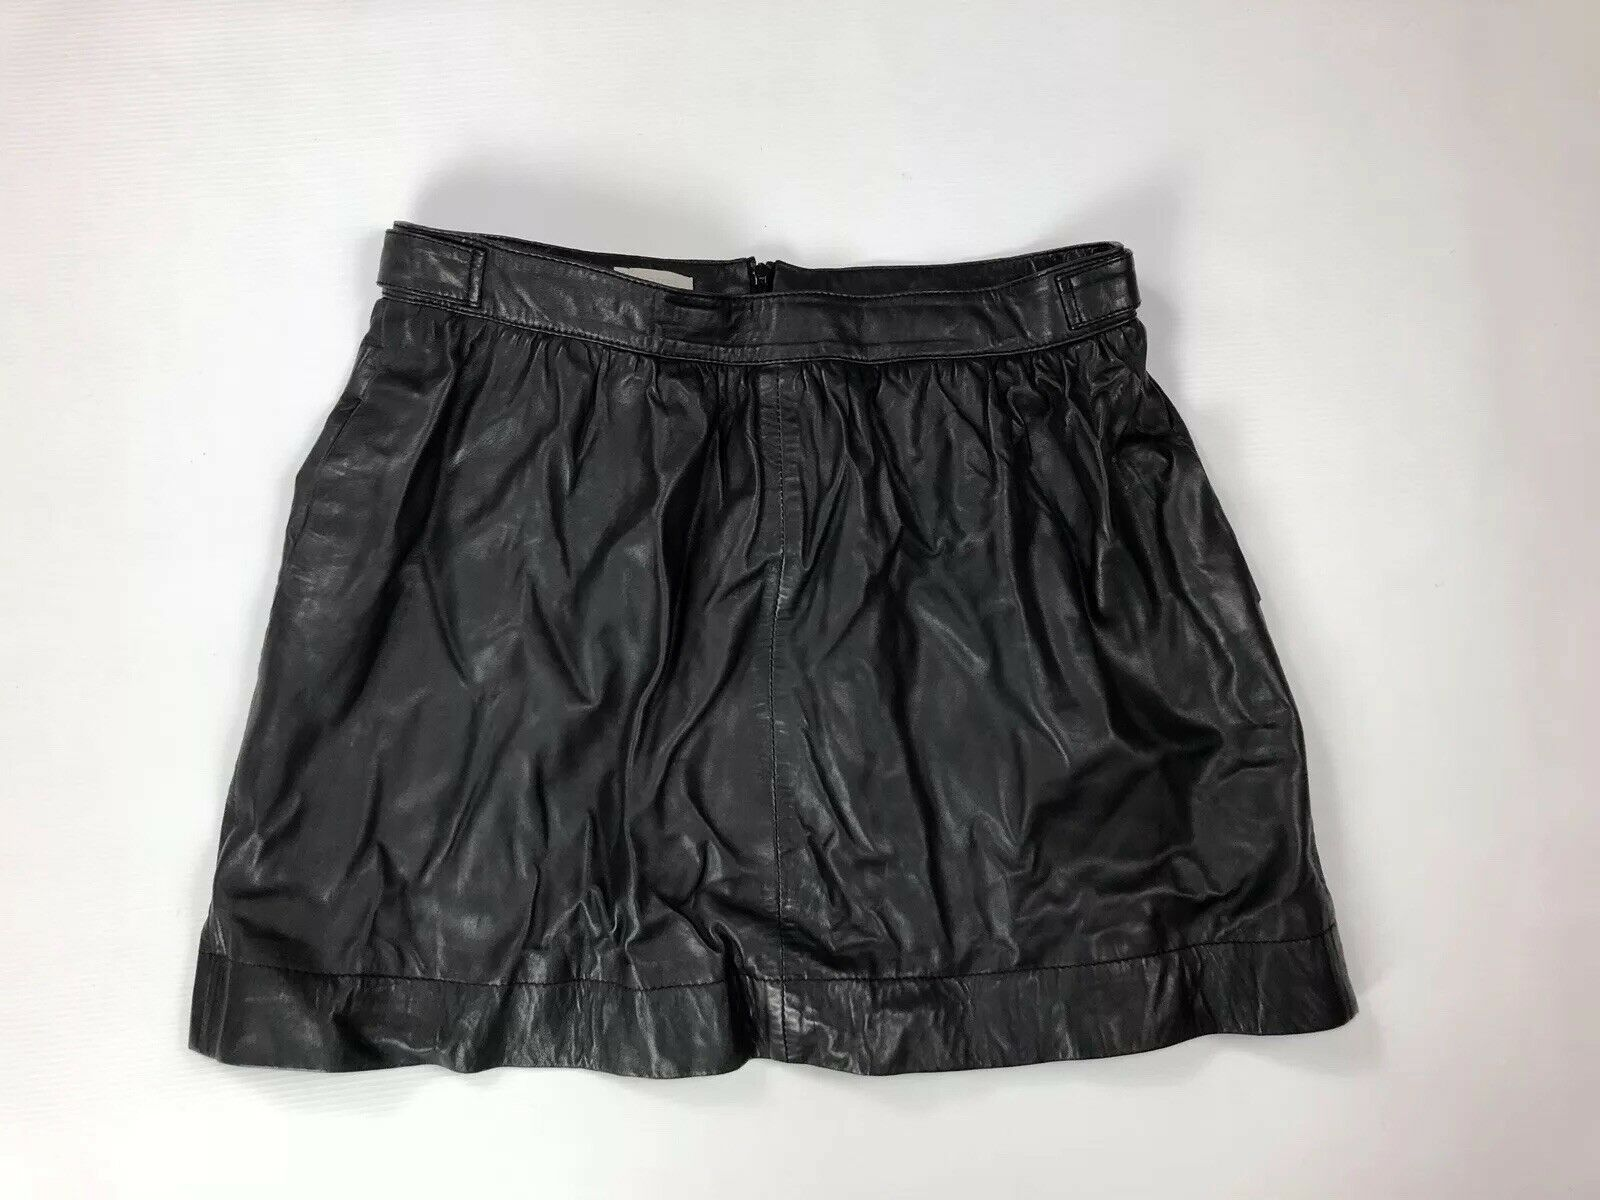 HOBBS Leather Skirt - UK14 - schwarz - Great Condition - damen's